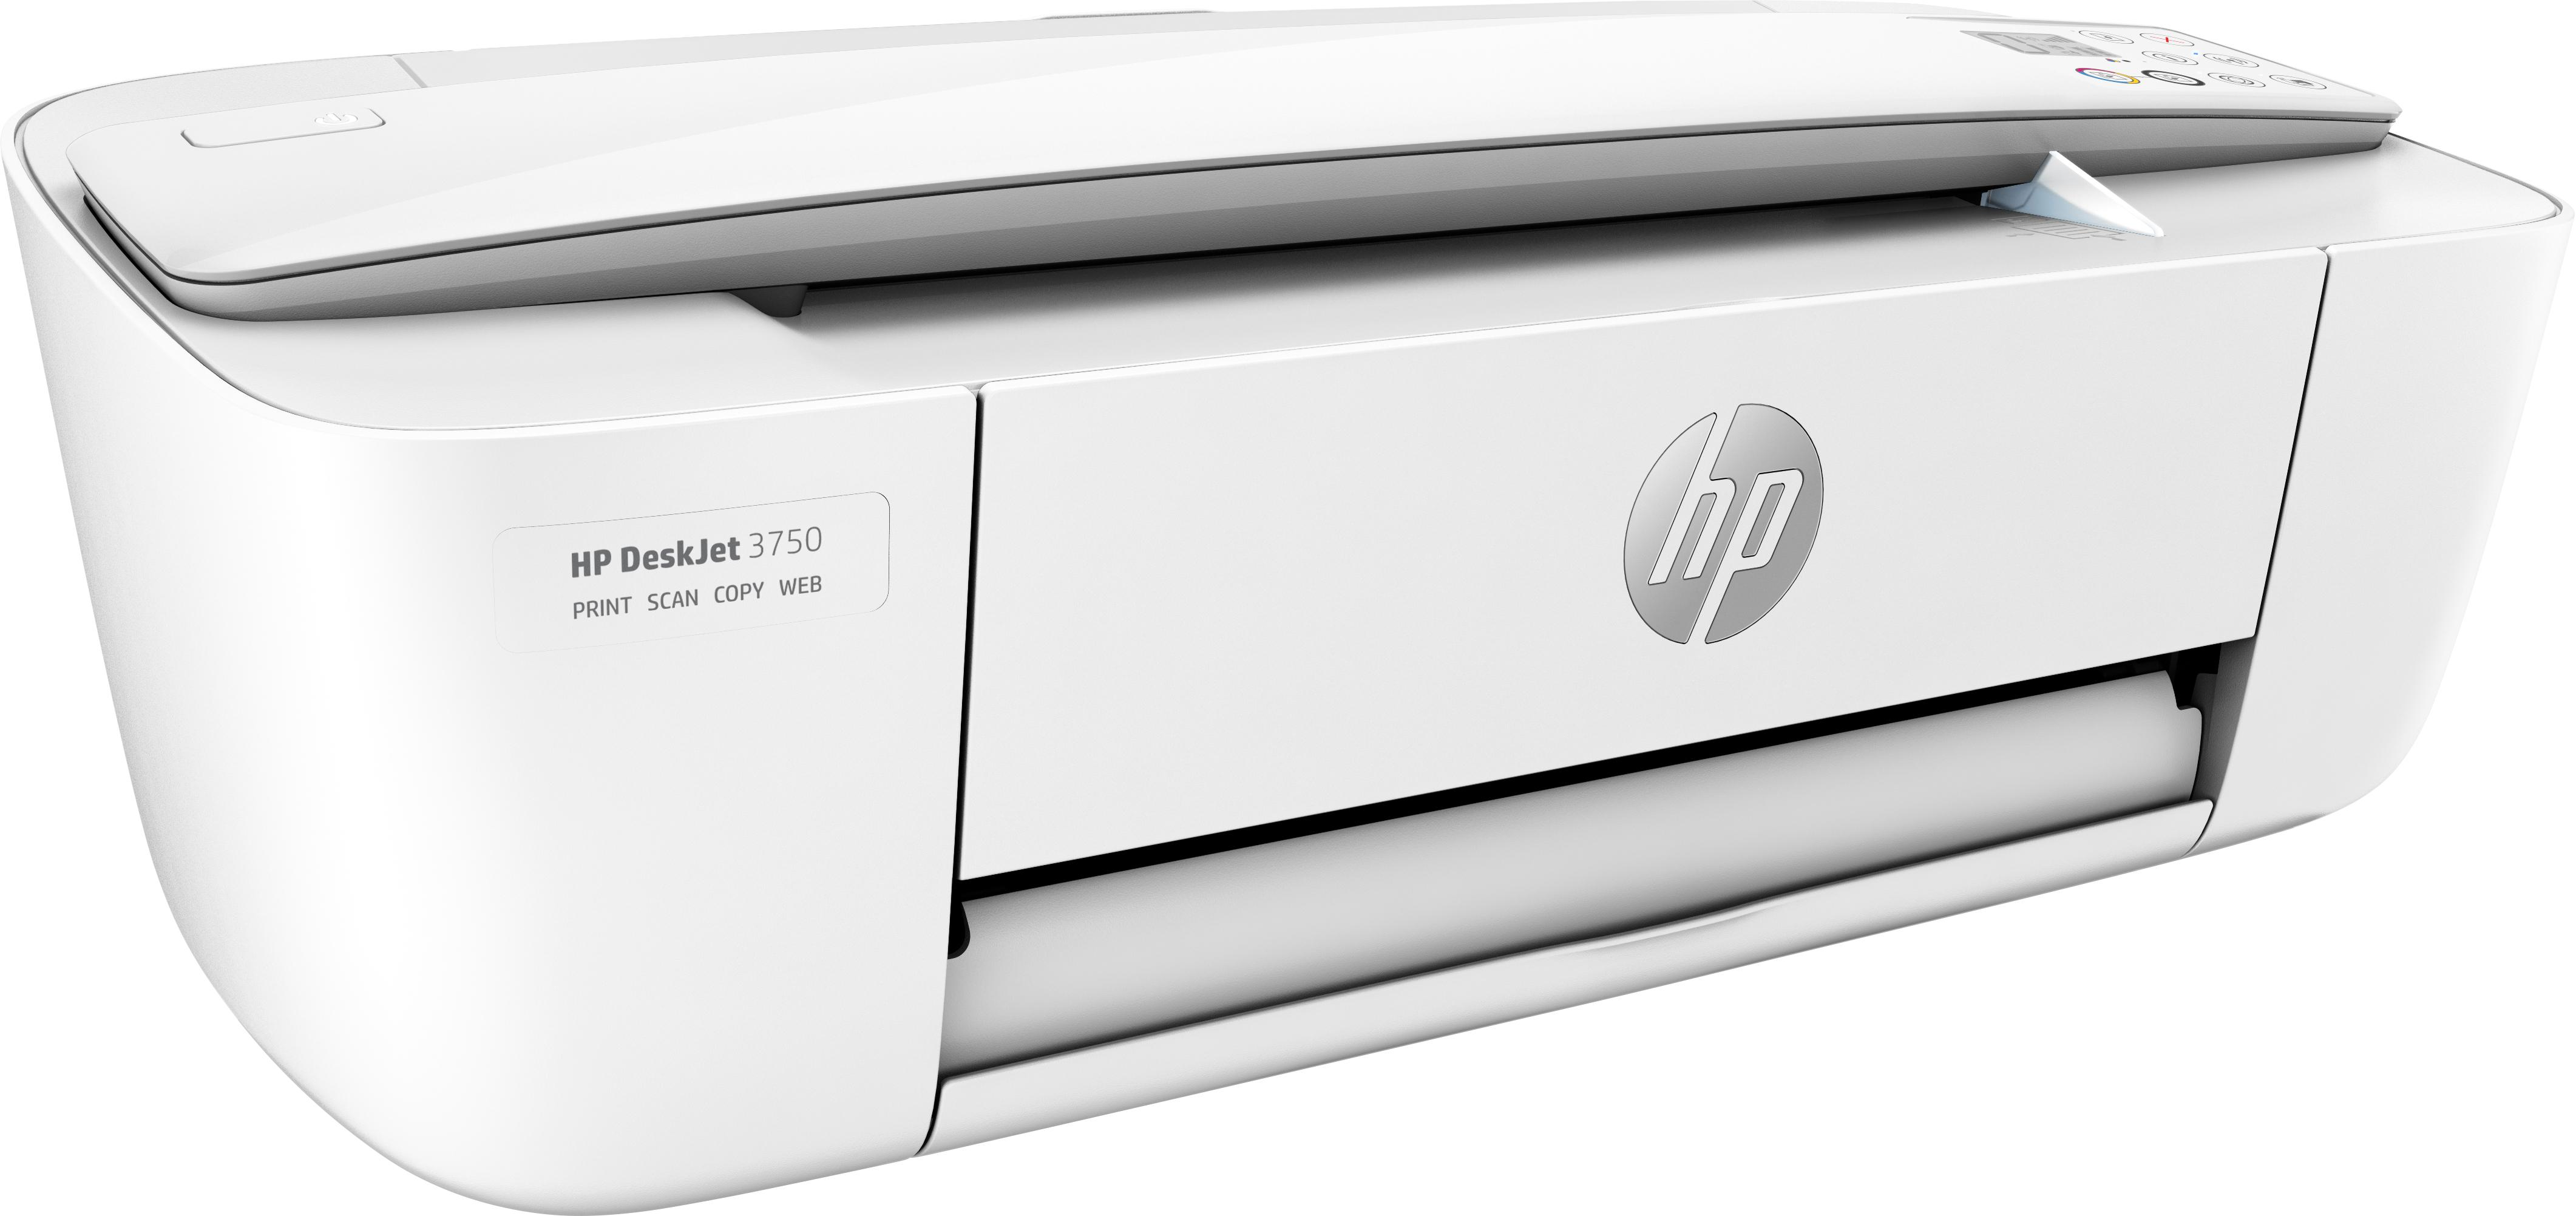 DeskJet 3750 A jet d'encre thermique 19 ppm 1200 x 1200 DPI A4 Wifi